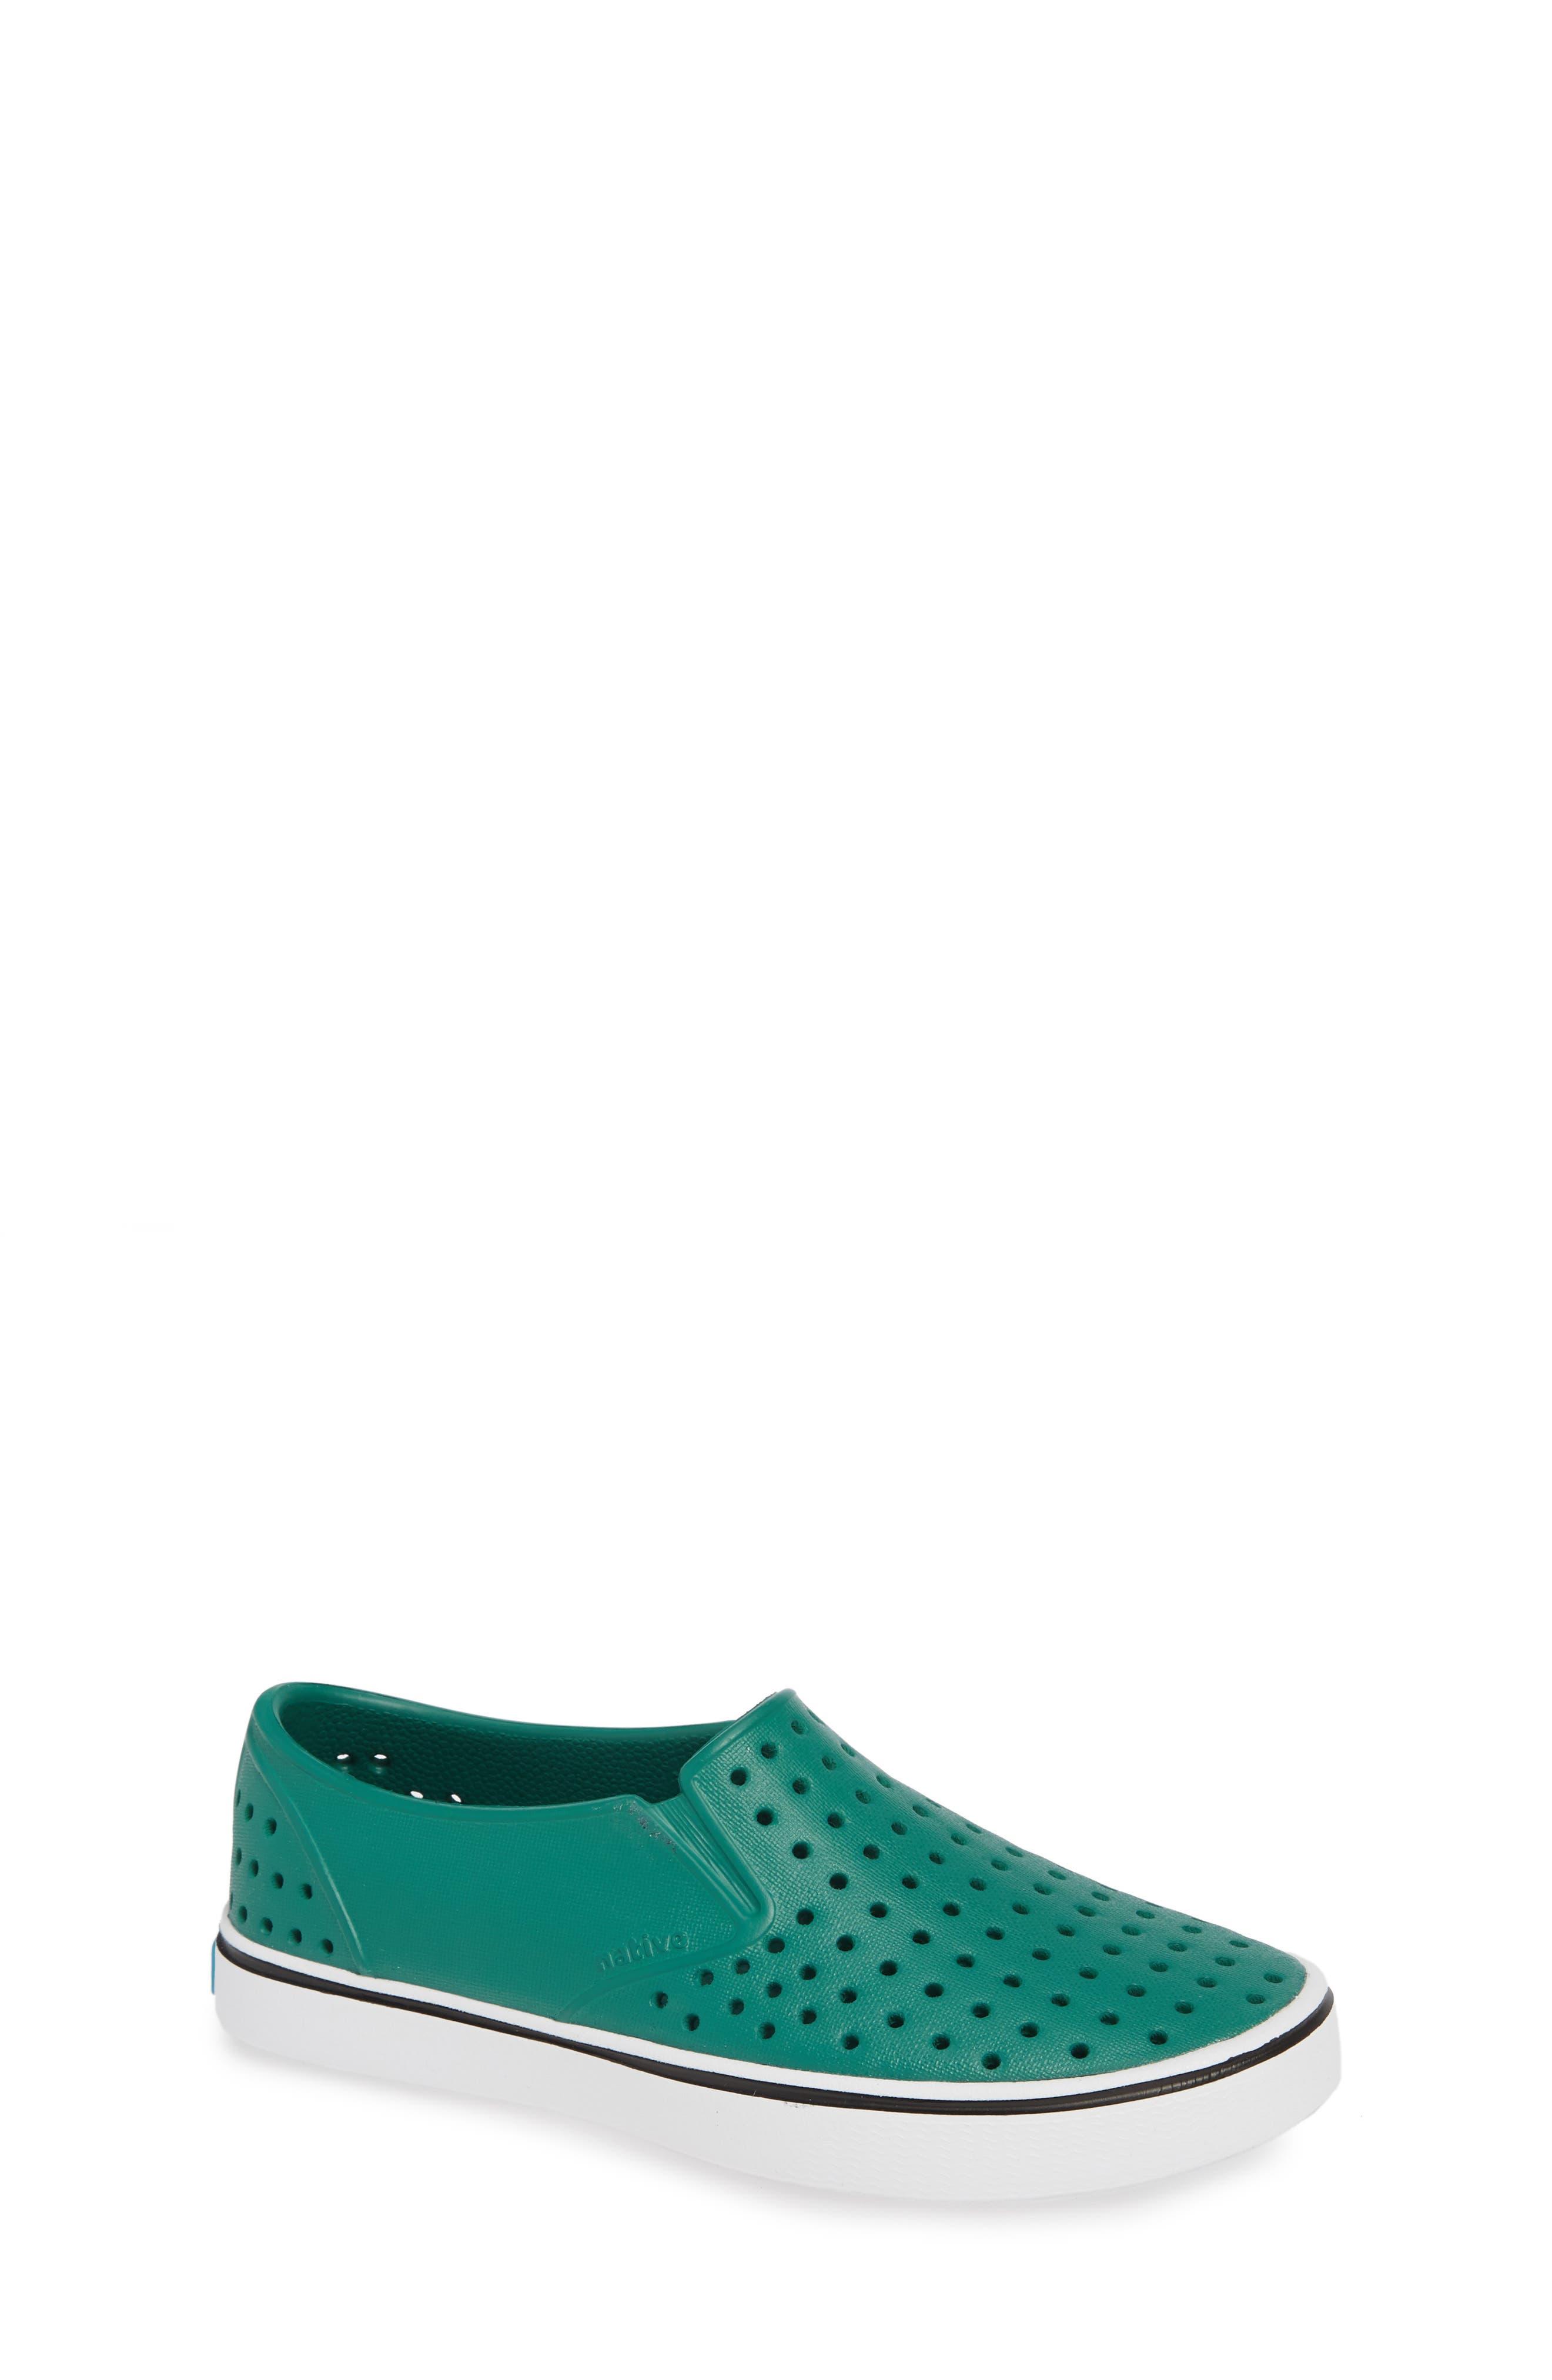 Miles Water Friendly Slip-On Vegan Sneaker,                         Main,                         color, EVERGREEN/ SHELL WHITE